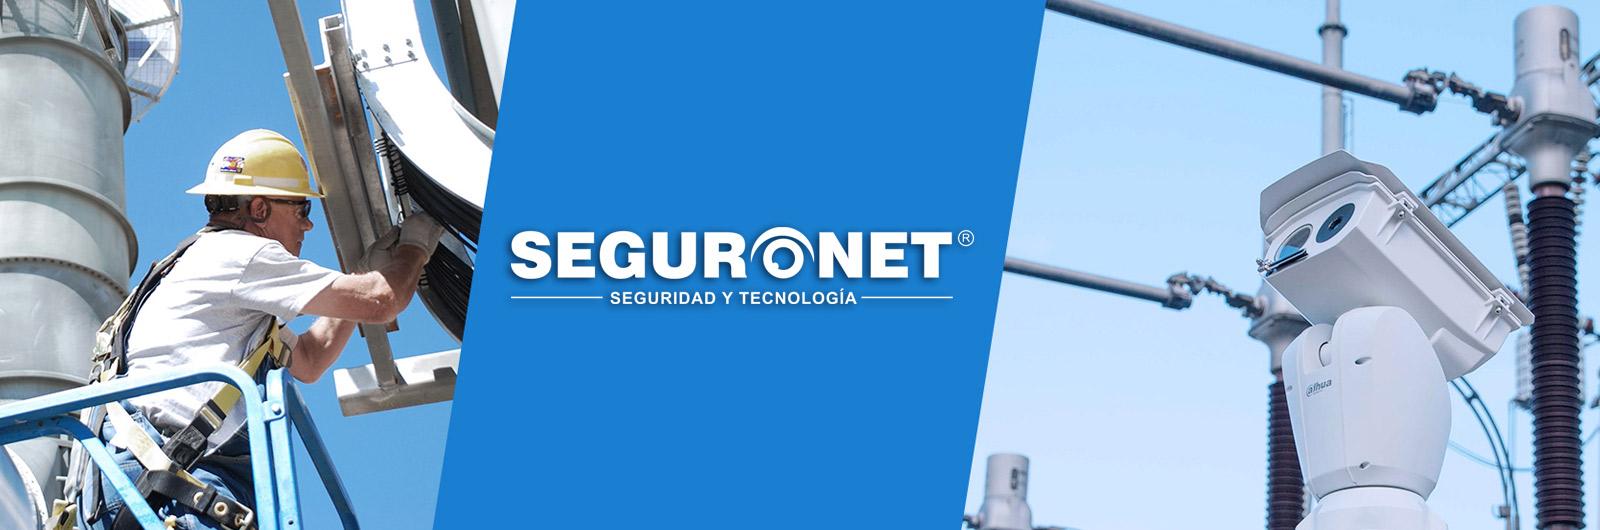 seguronet_8